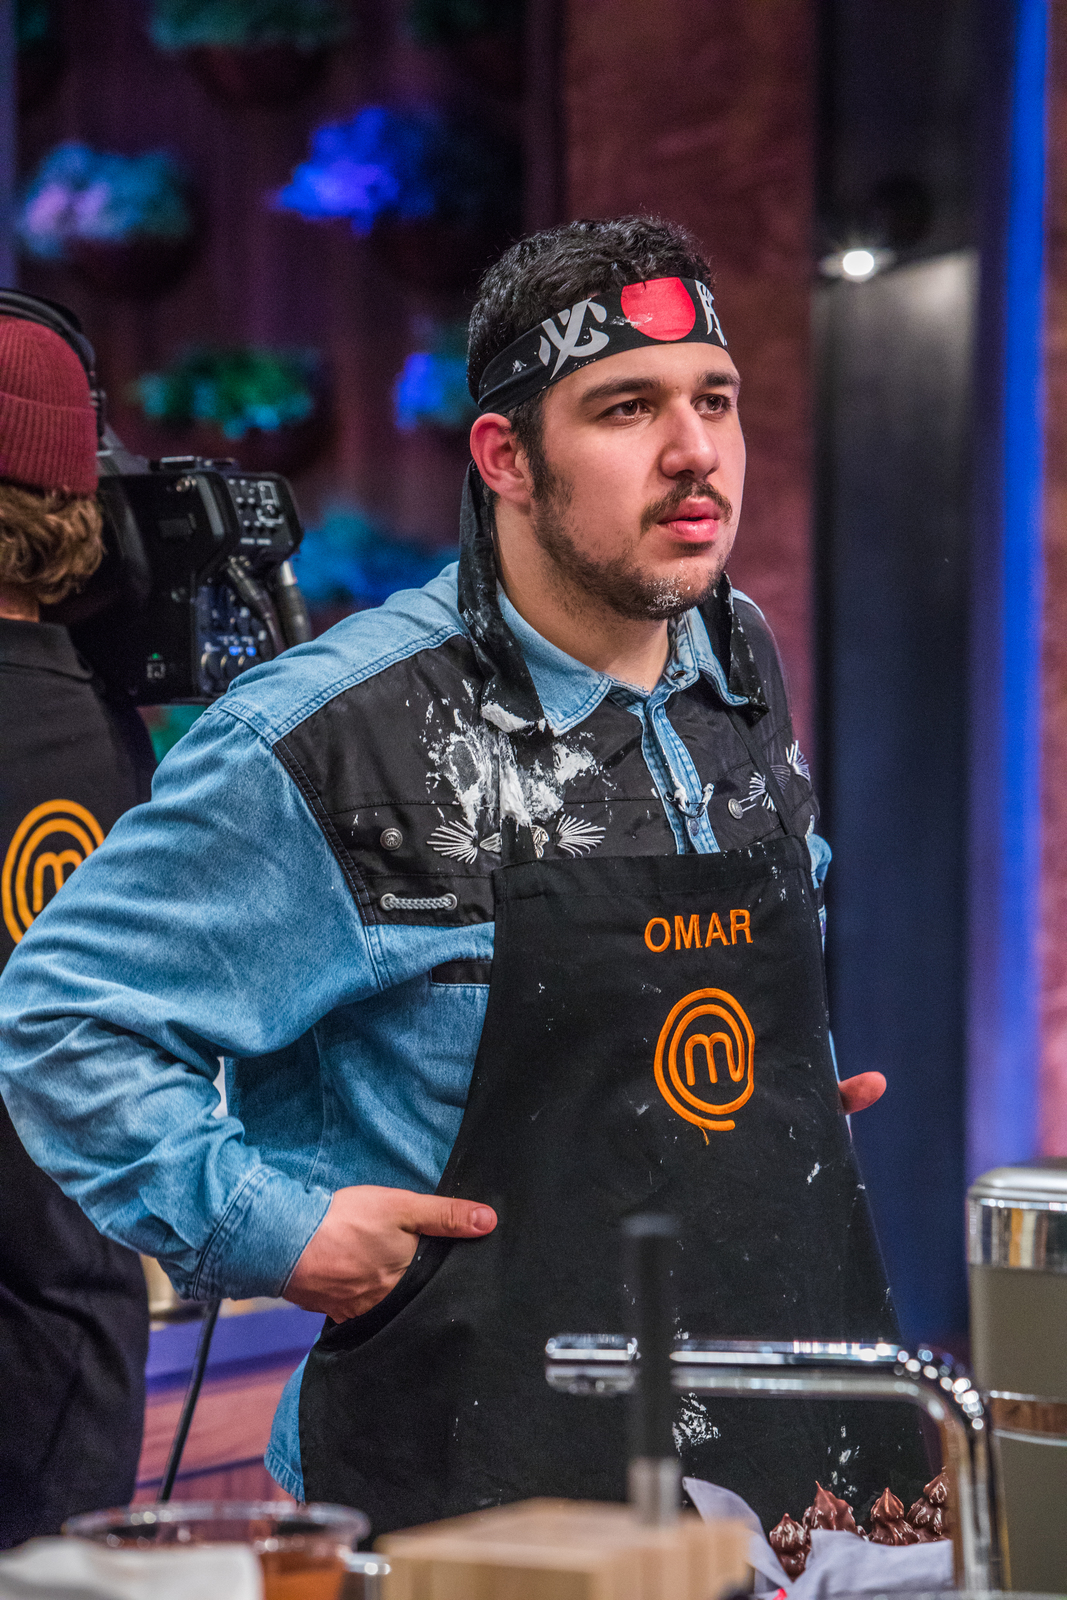 Omar z MasterChefa znechutil porotce, jeho jídlo neochutnali a vyrazili s ním dveře